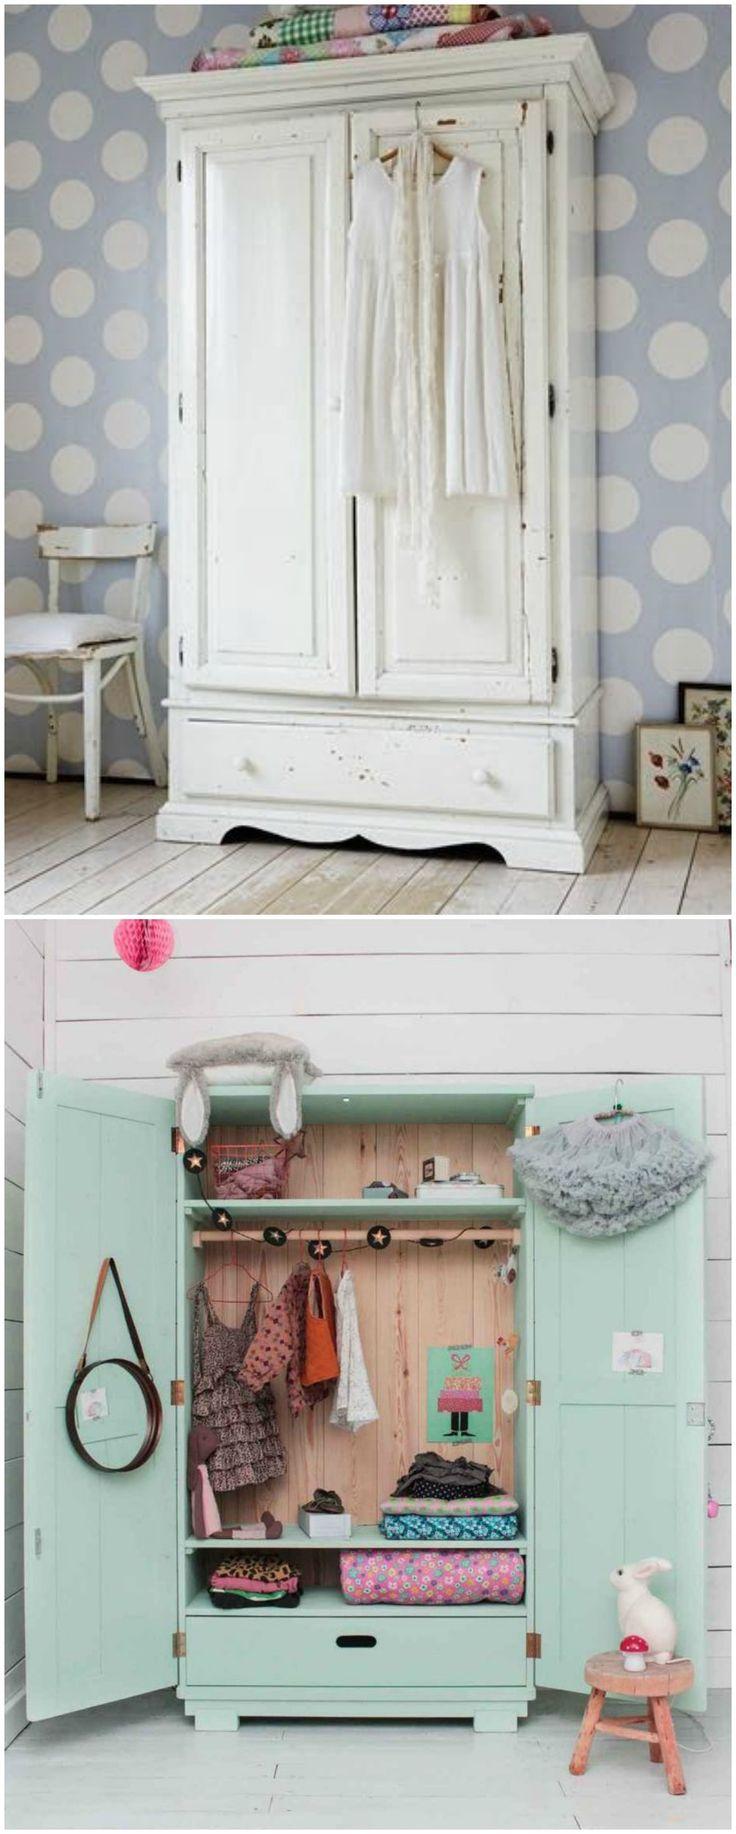 M s de 25 ideas fant sticas sobre muebles antiguos en - Fotos de muebles antiguos ...